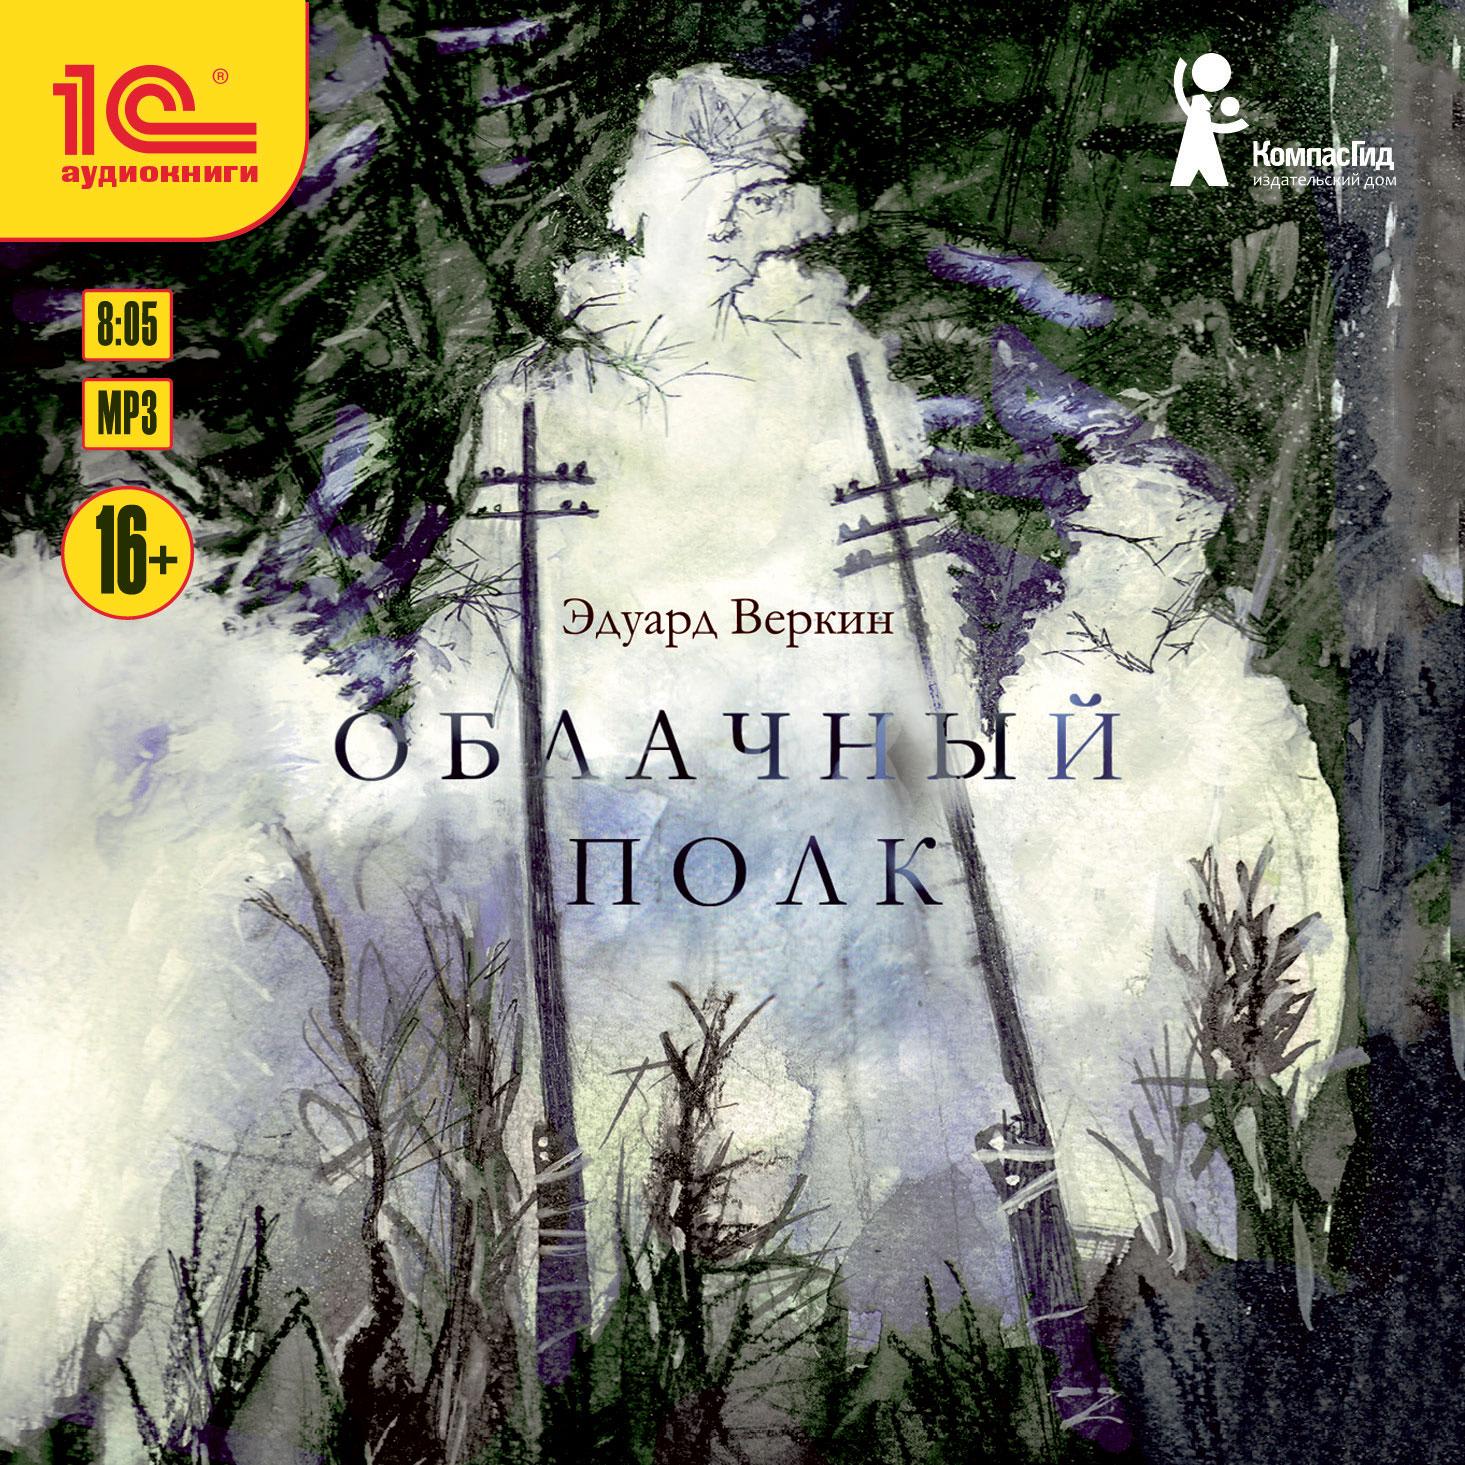 Эдуард Веркин Облачный полк (цифровая версия) (Цифровая версия)